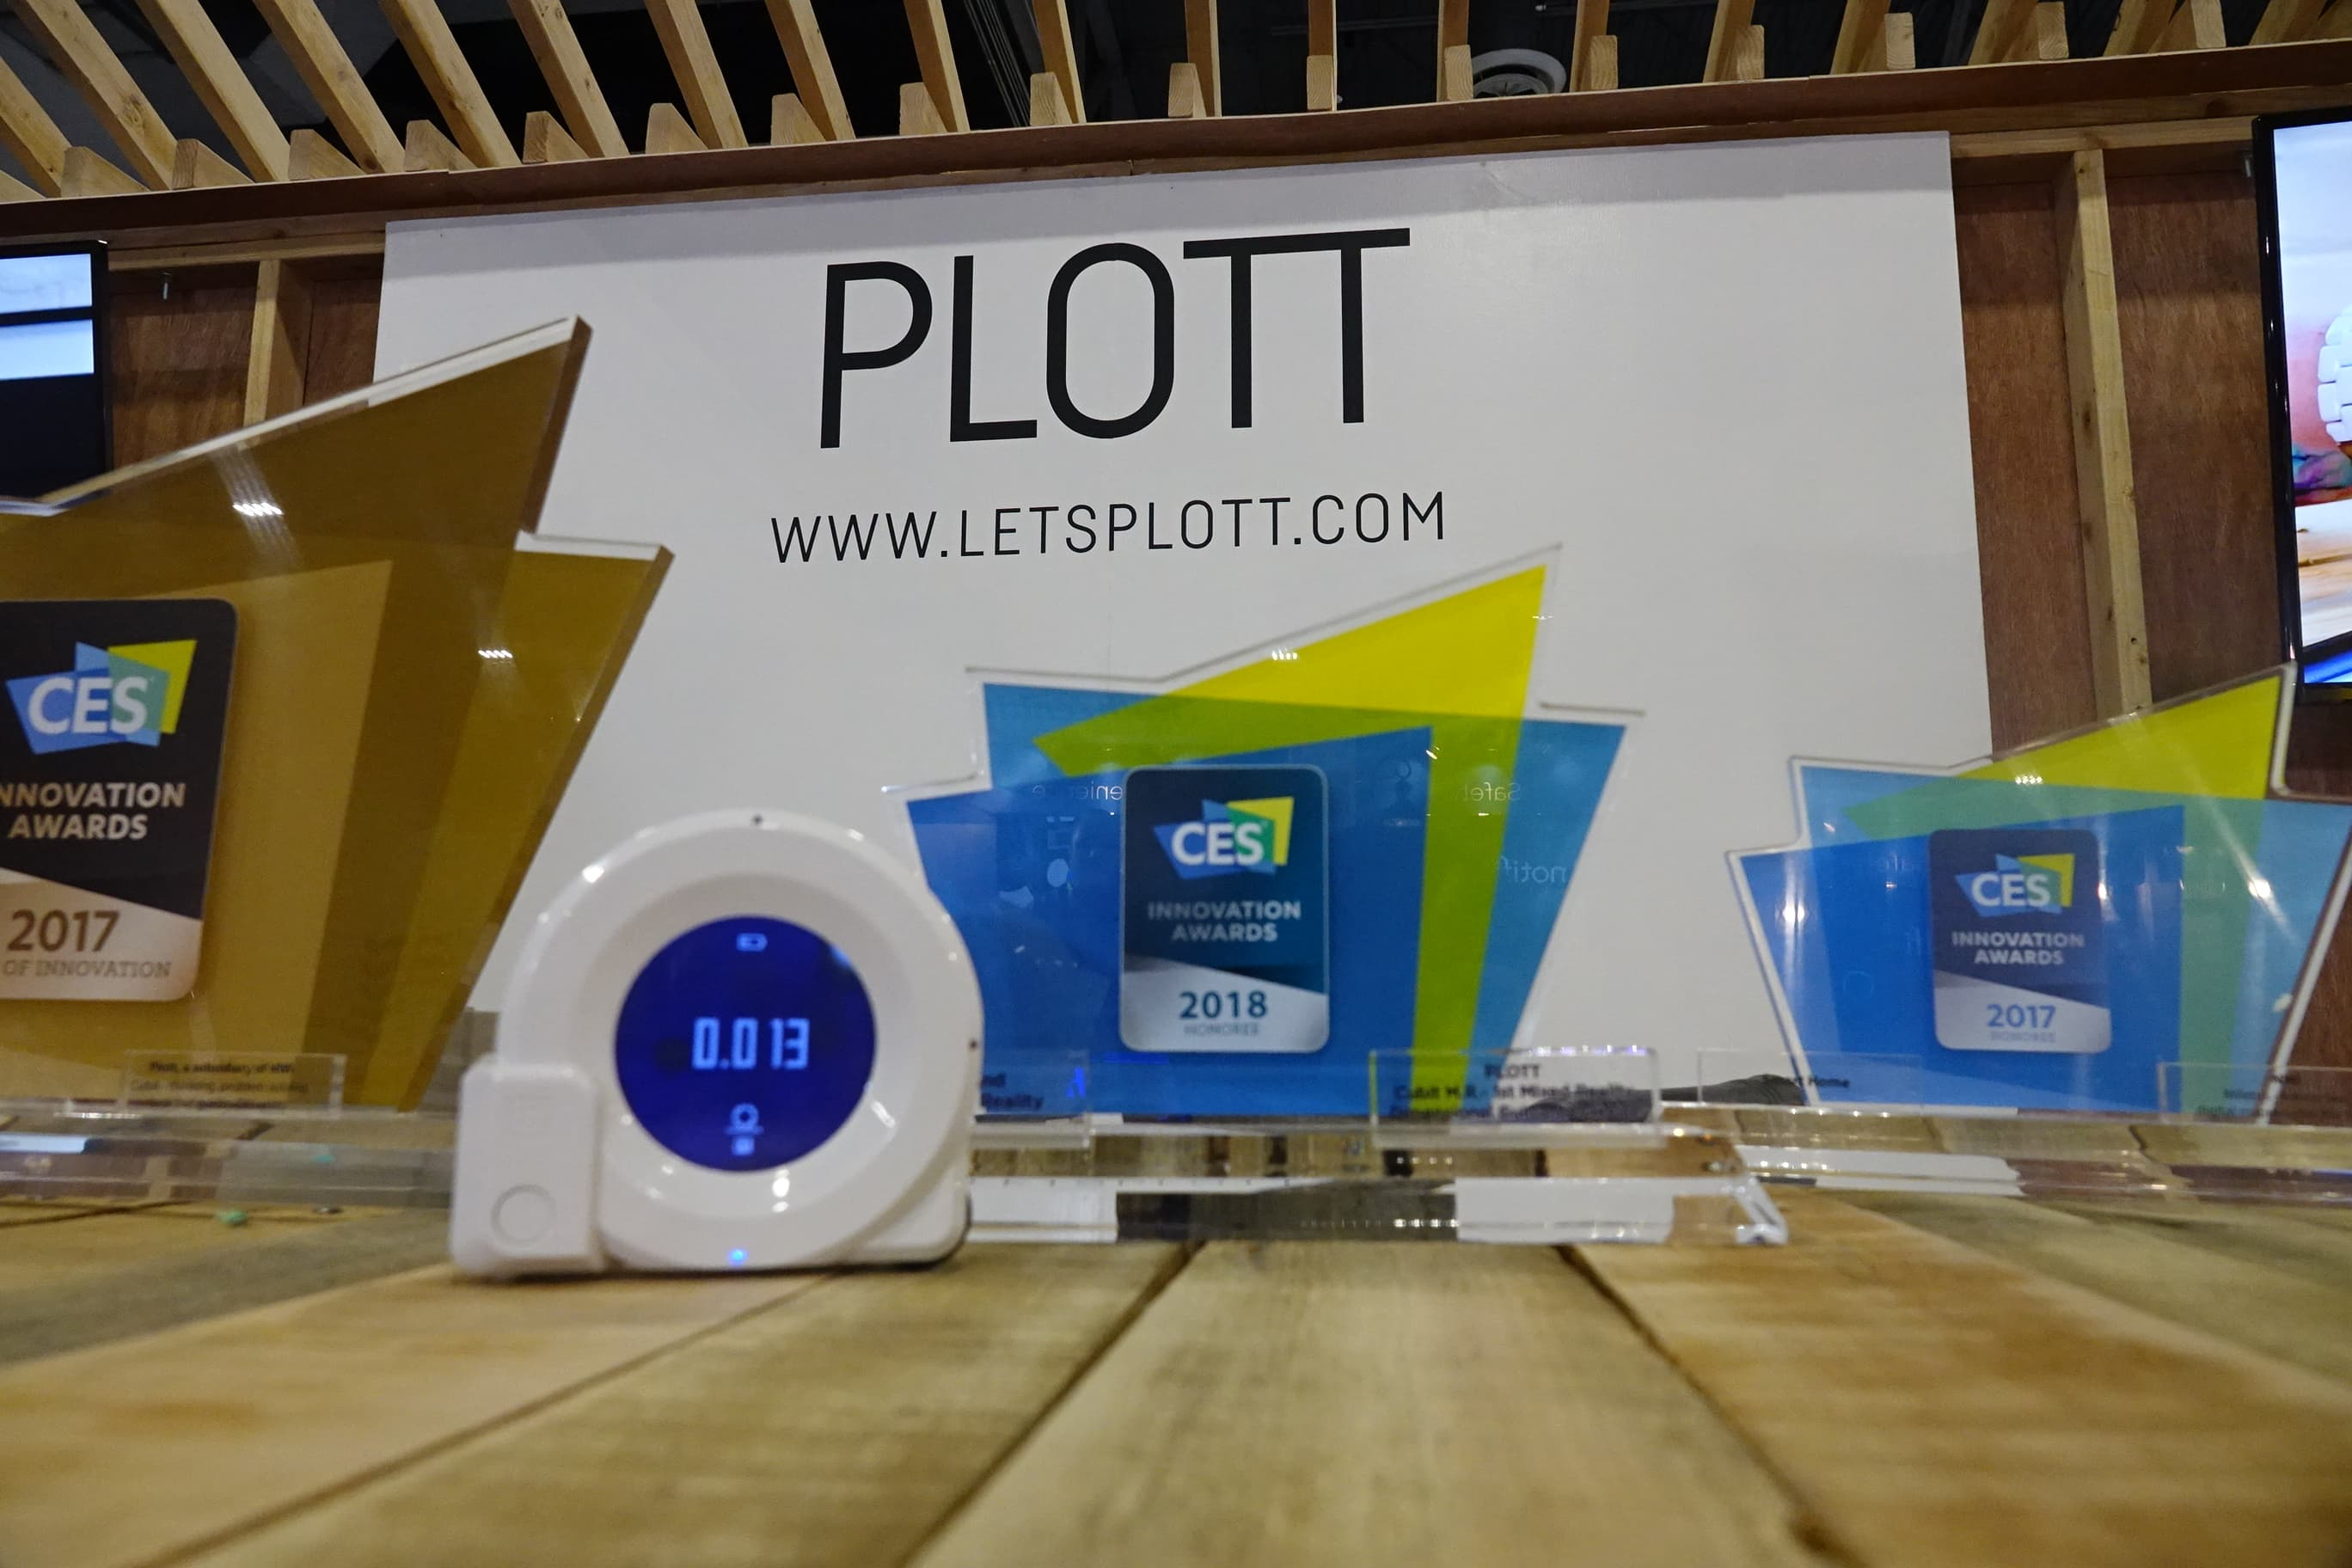 CES2018 PLOTT